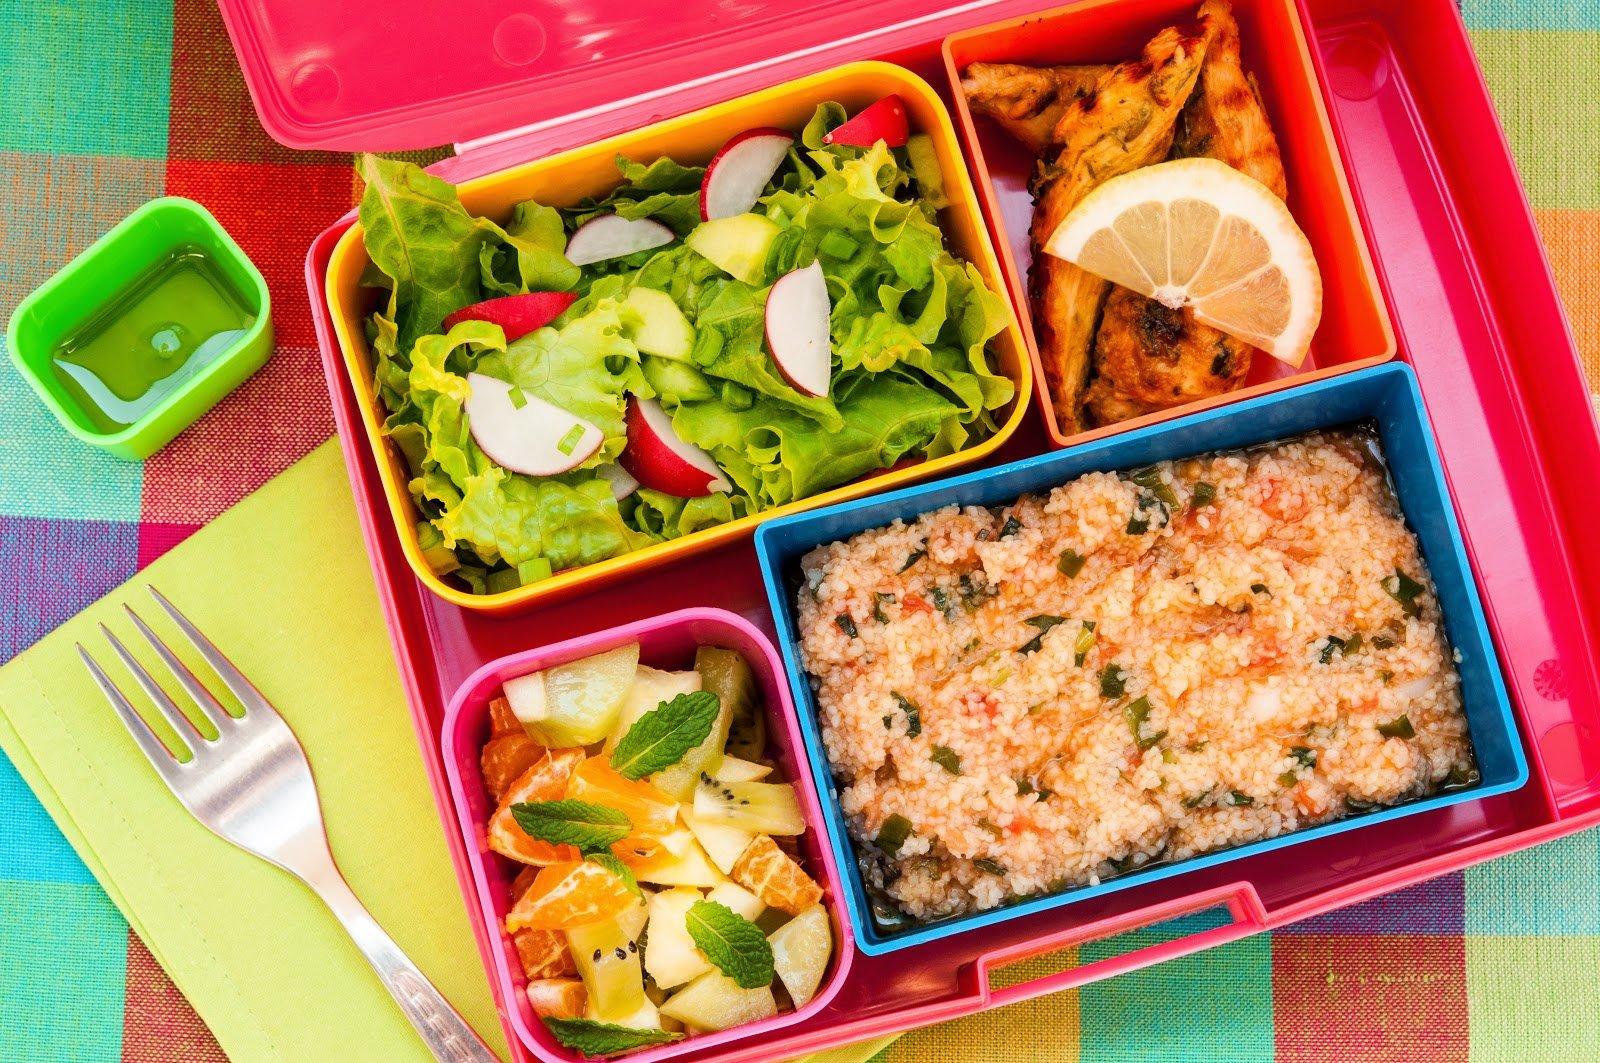 comment économiser son argentdéjeuner en boîte